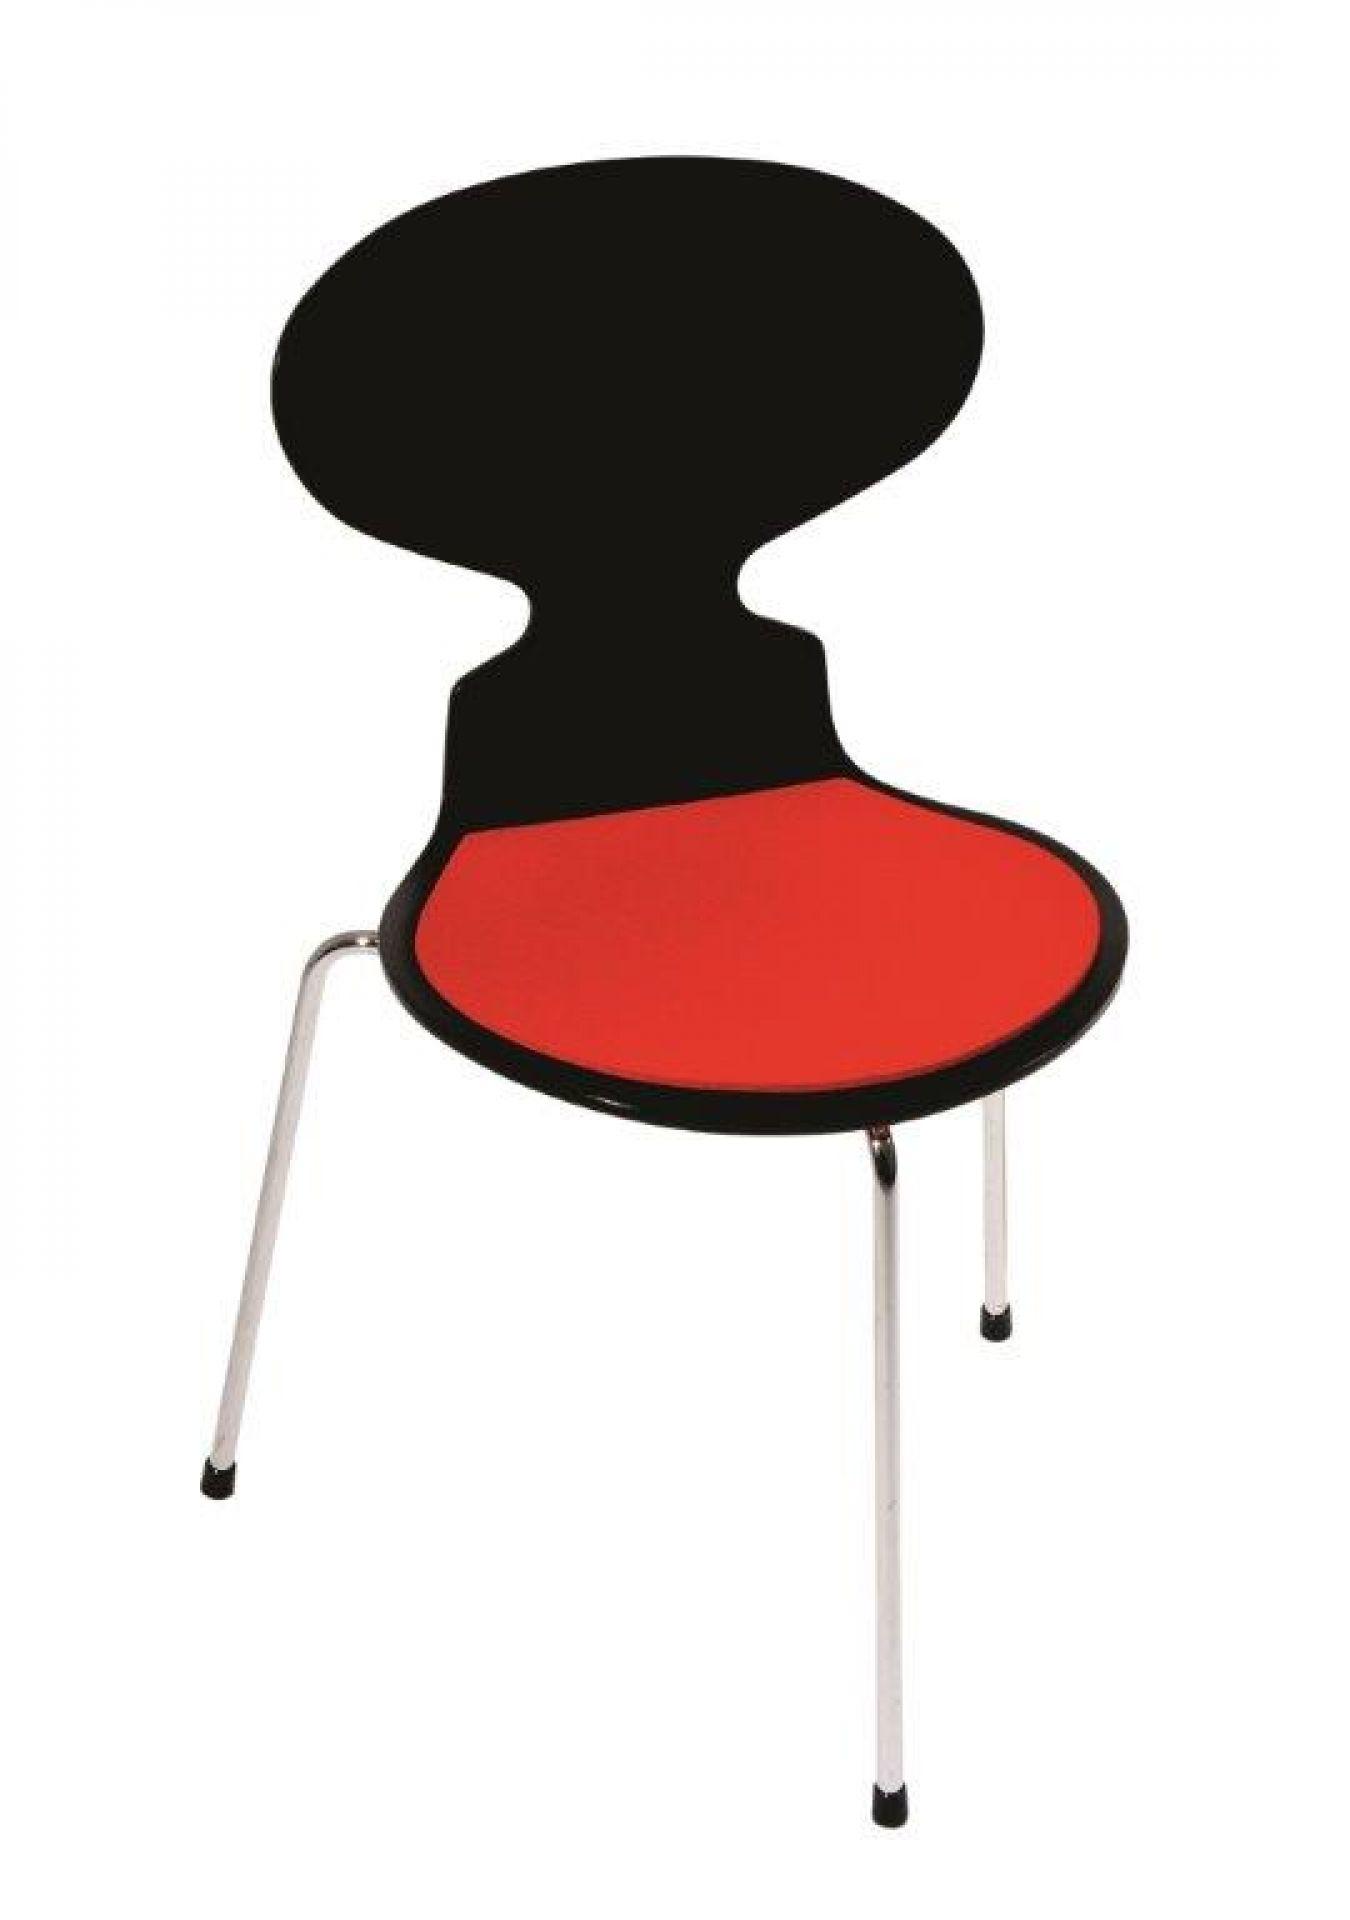 Sitzauflage - Filzauflage für Ameise Stuhl von Arne Jacobsen Parkhaus Berlin